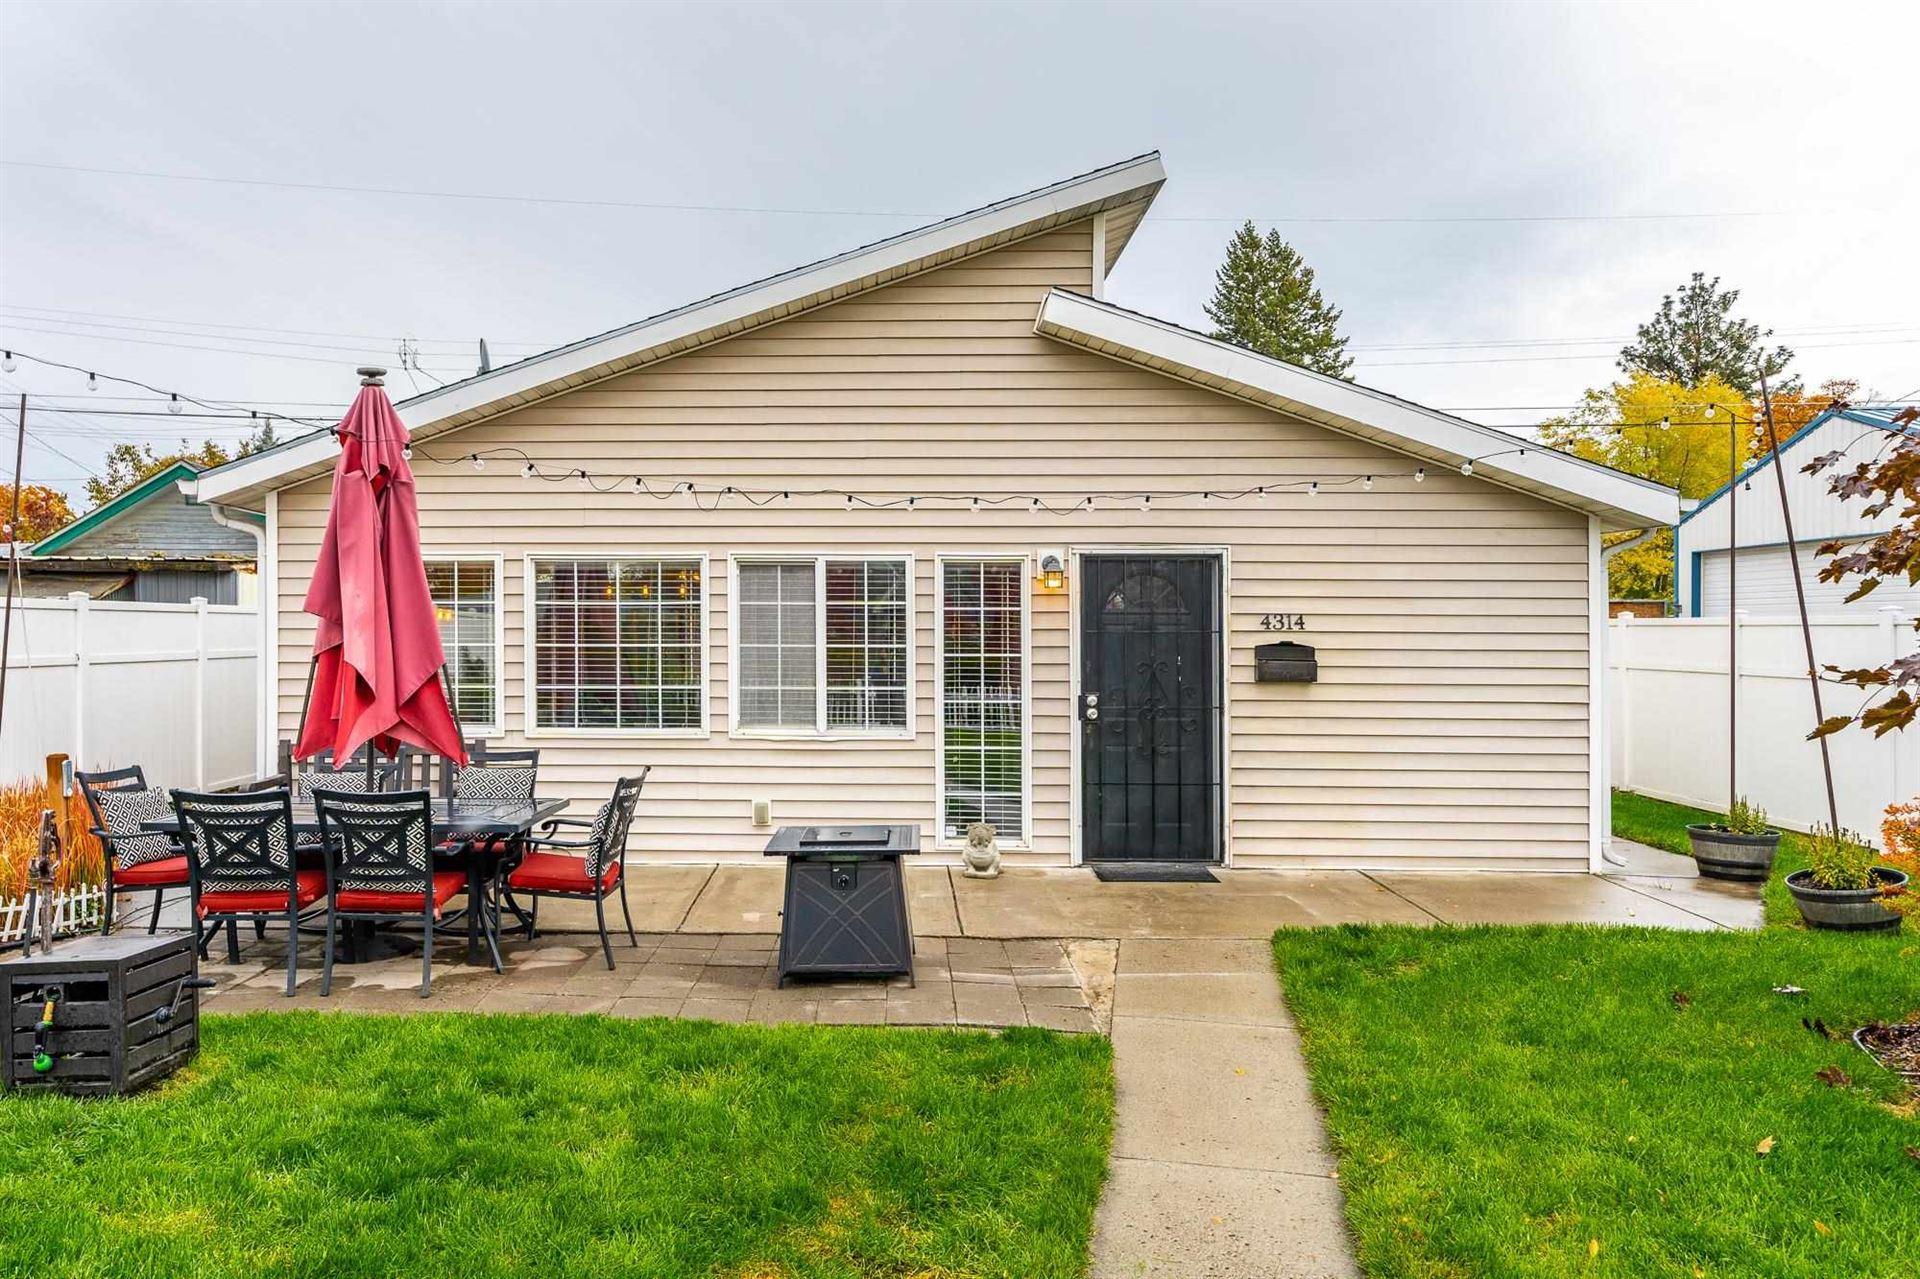 4314 N Adams St, Spokane, WA 99205 - #: 202124157